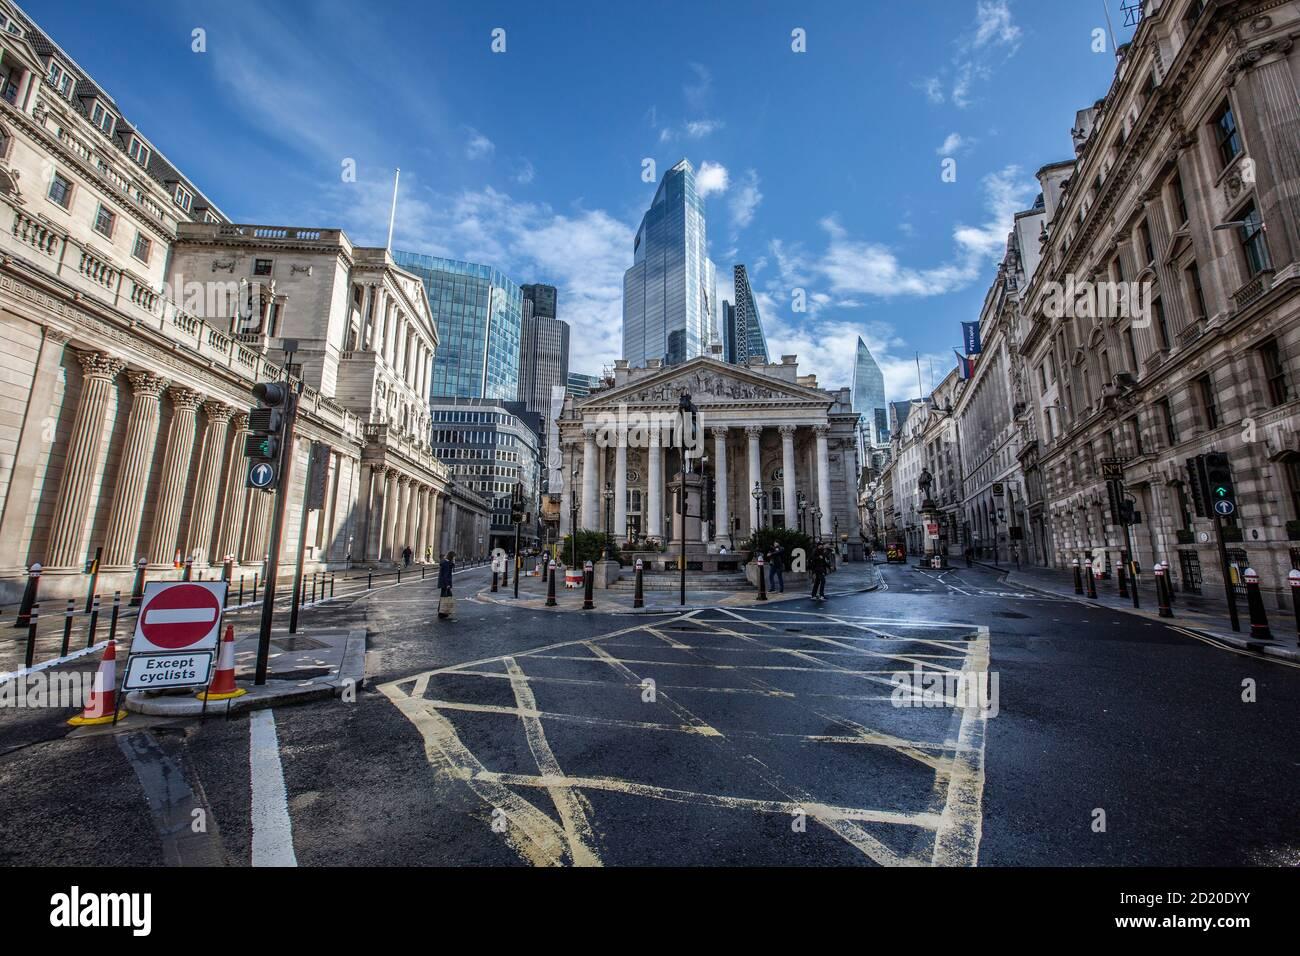 Un tranquilo cruce de bancos con vistas al Banco de Inglaterra y el Royal Exchange como segundo coronavirus amenaza la economía del Reino Unido, Londres, Inglaterra, Reino Unido Foto de stock